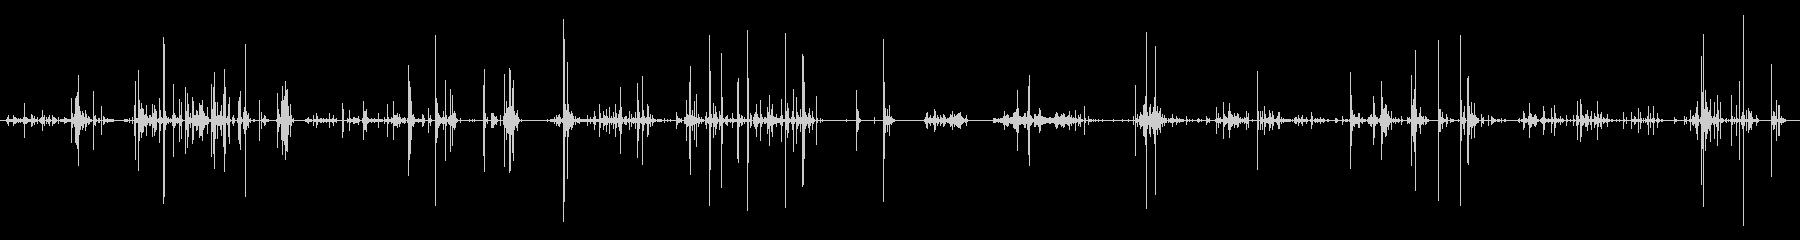 ガラス 破片落下シーケンスロング03の未再生の波形